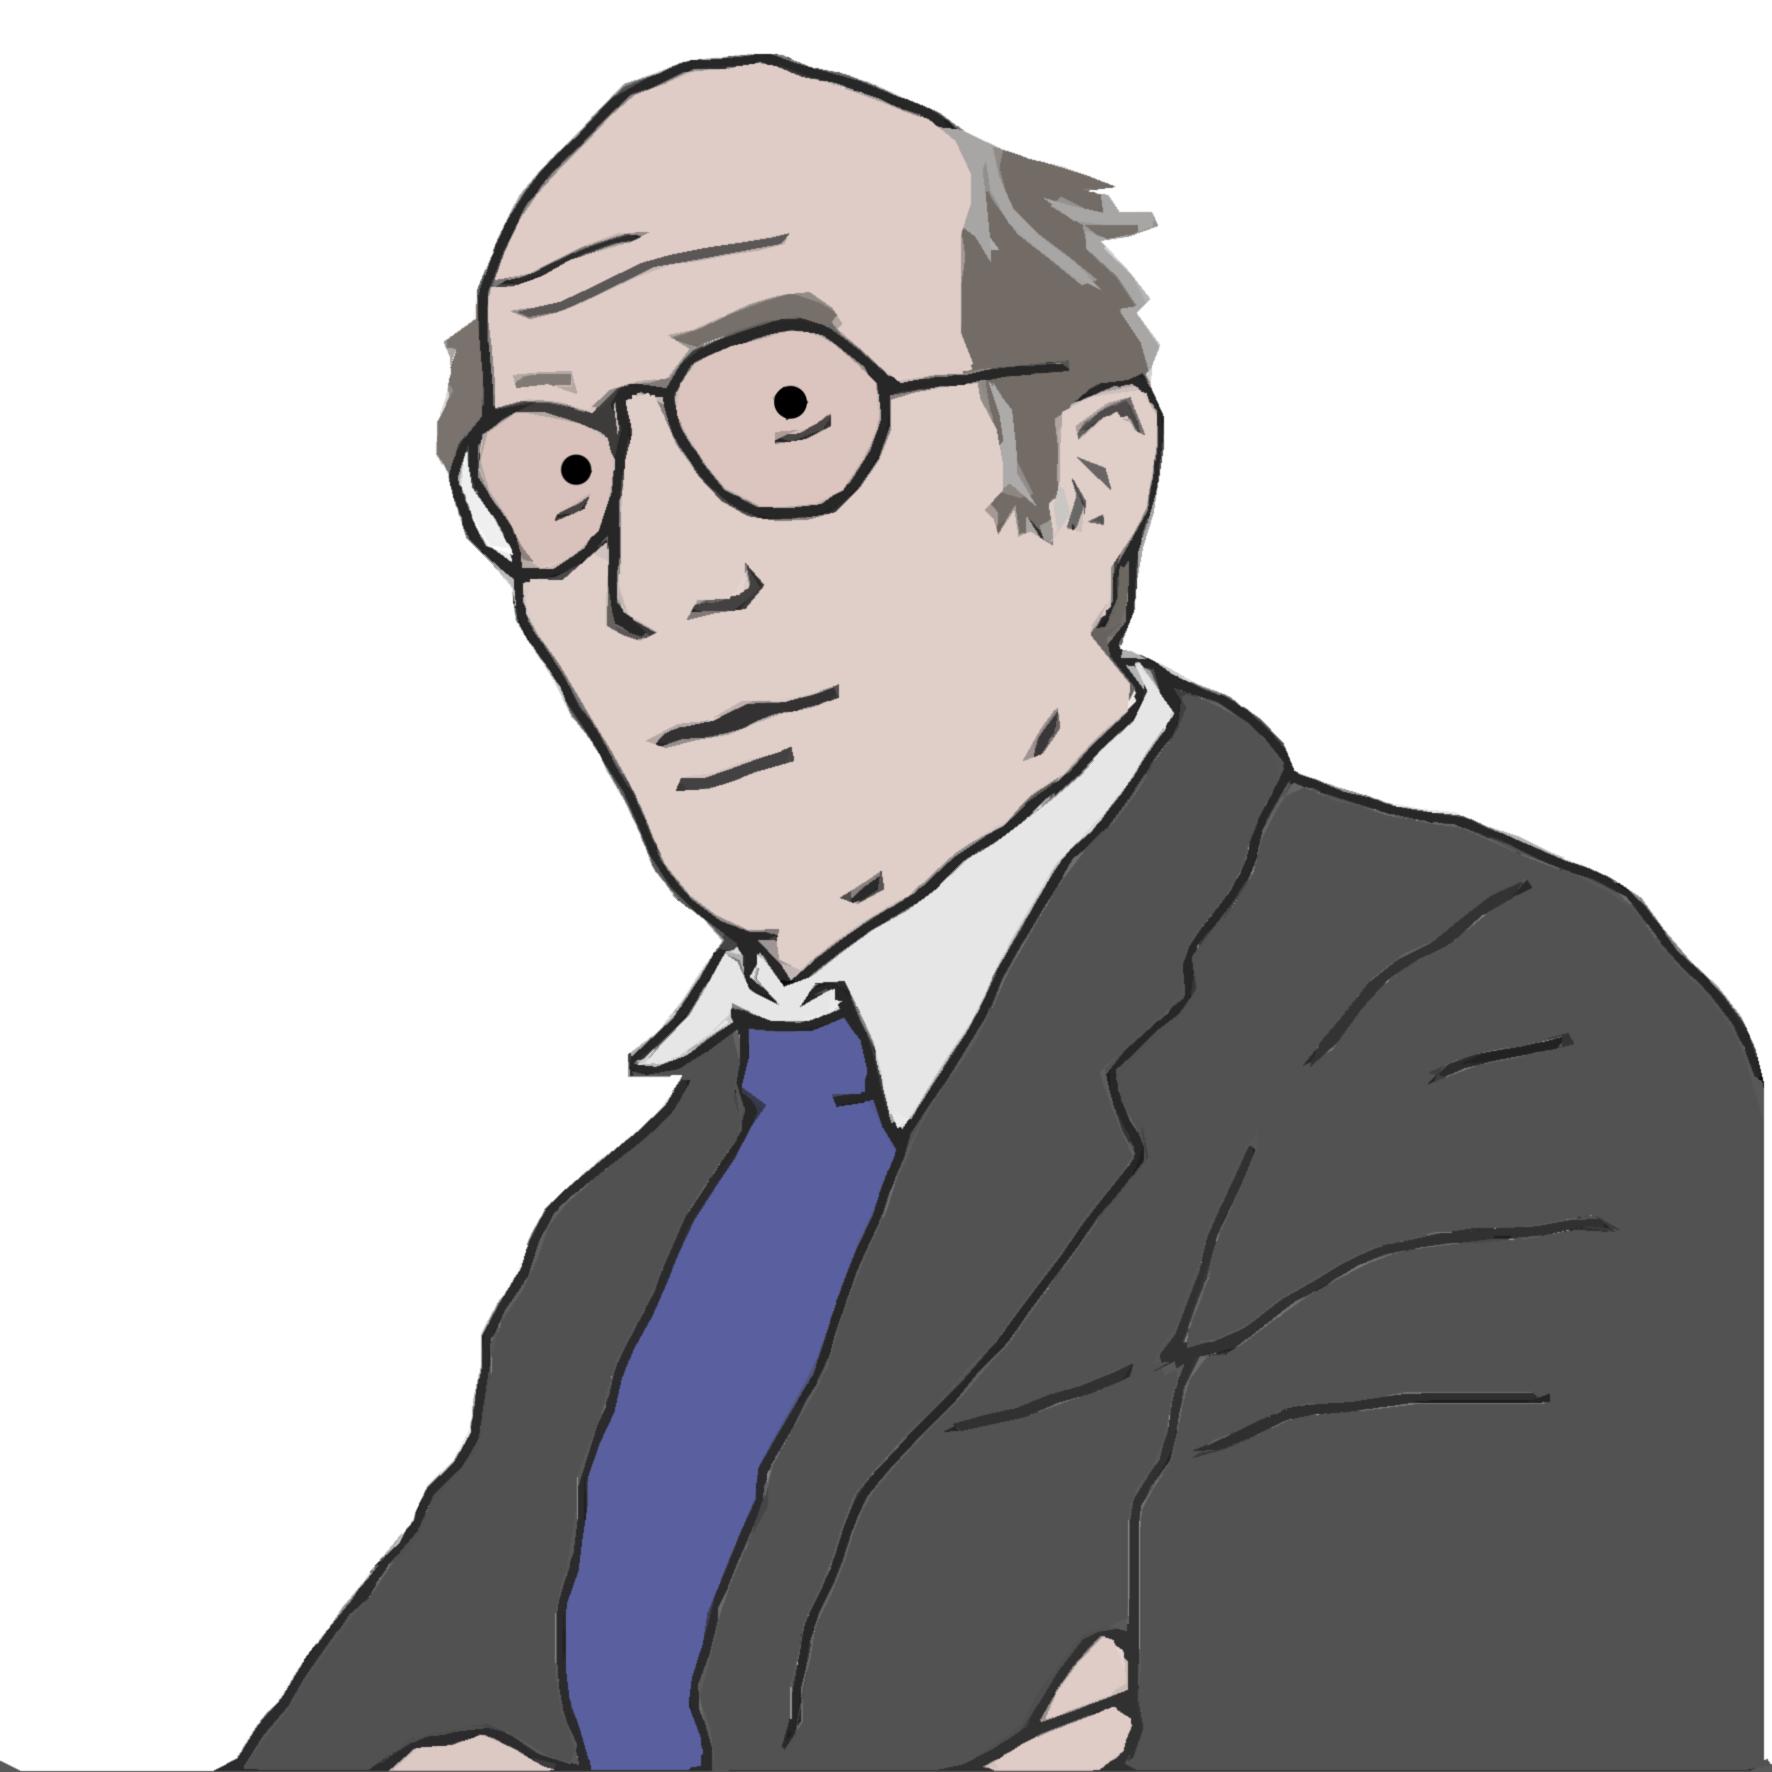 Niklas Luhmann  von Sonntag  (Wikipedia/CC)